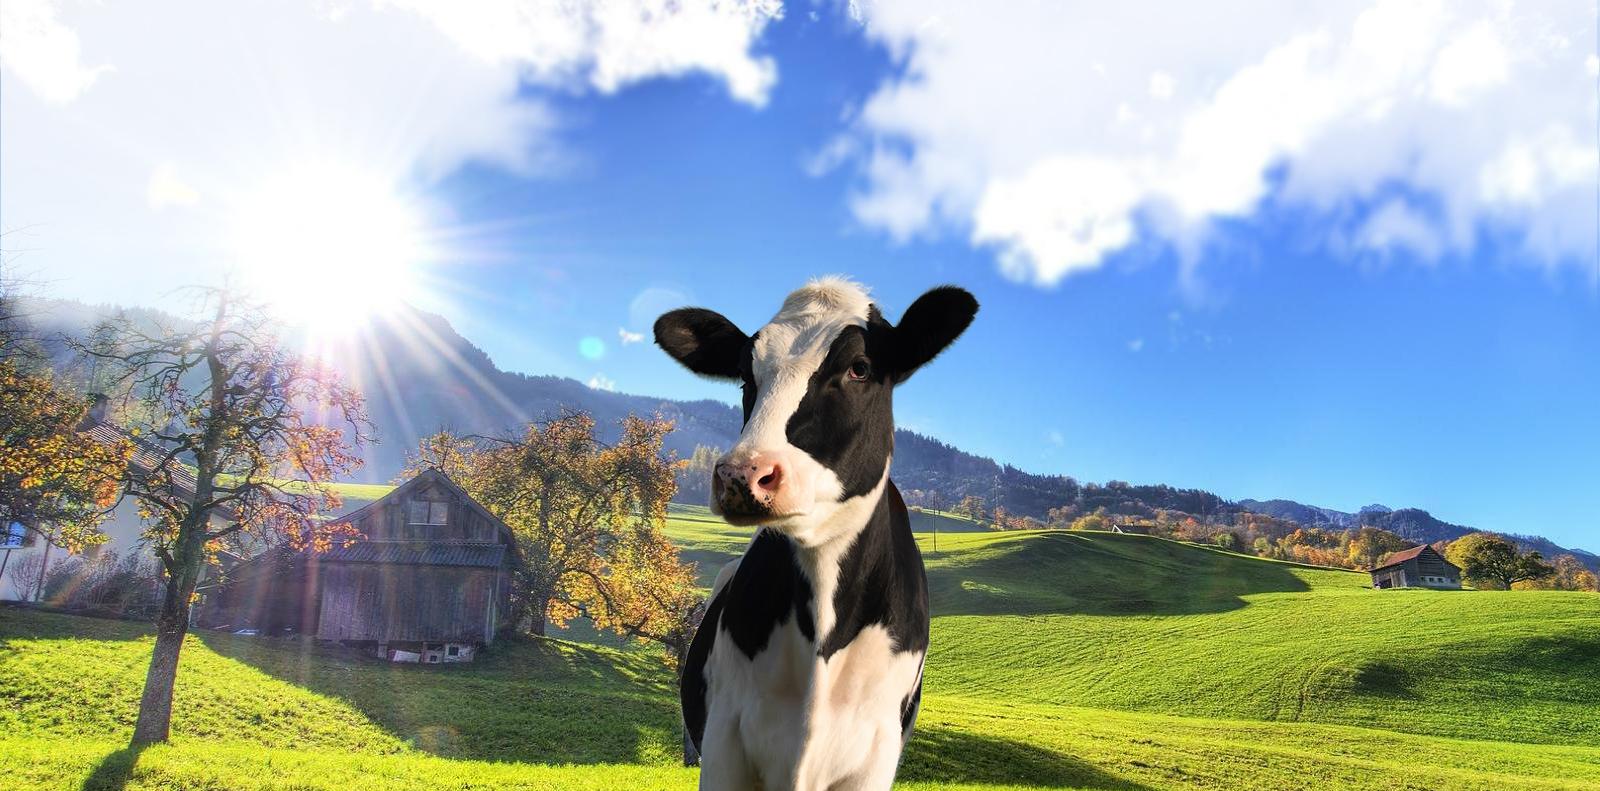 مزرعه و گاو صفحه اصلی